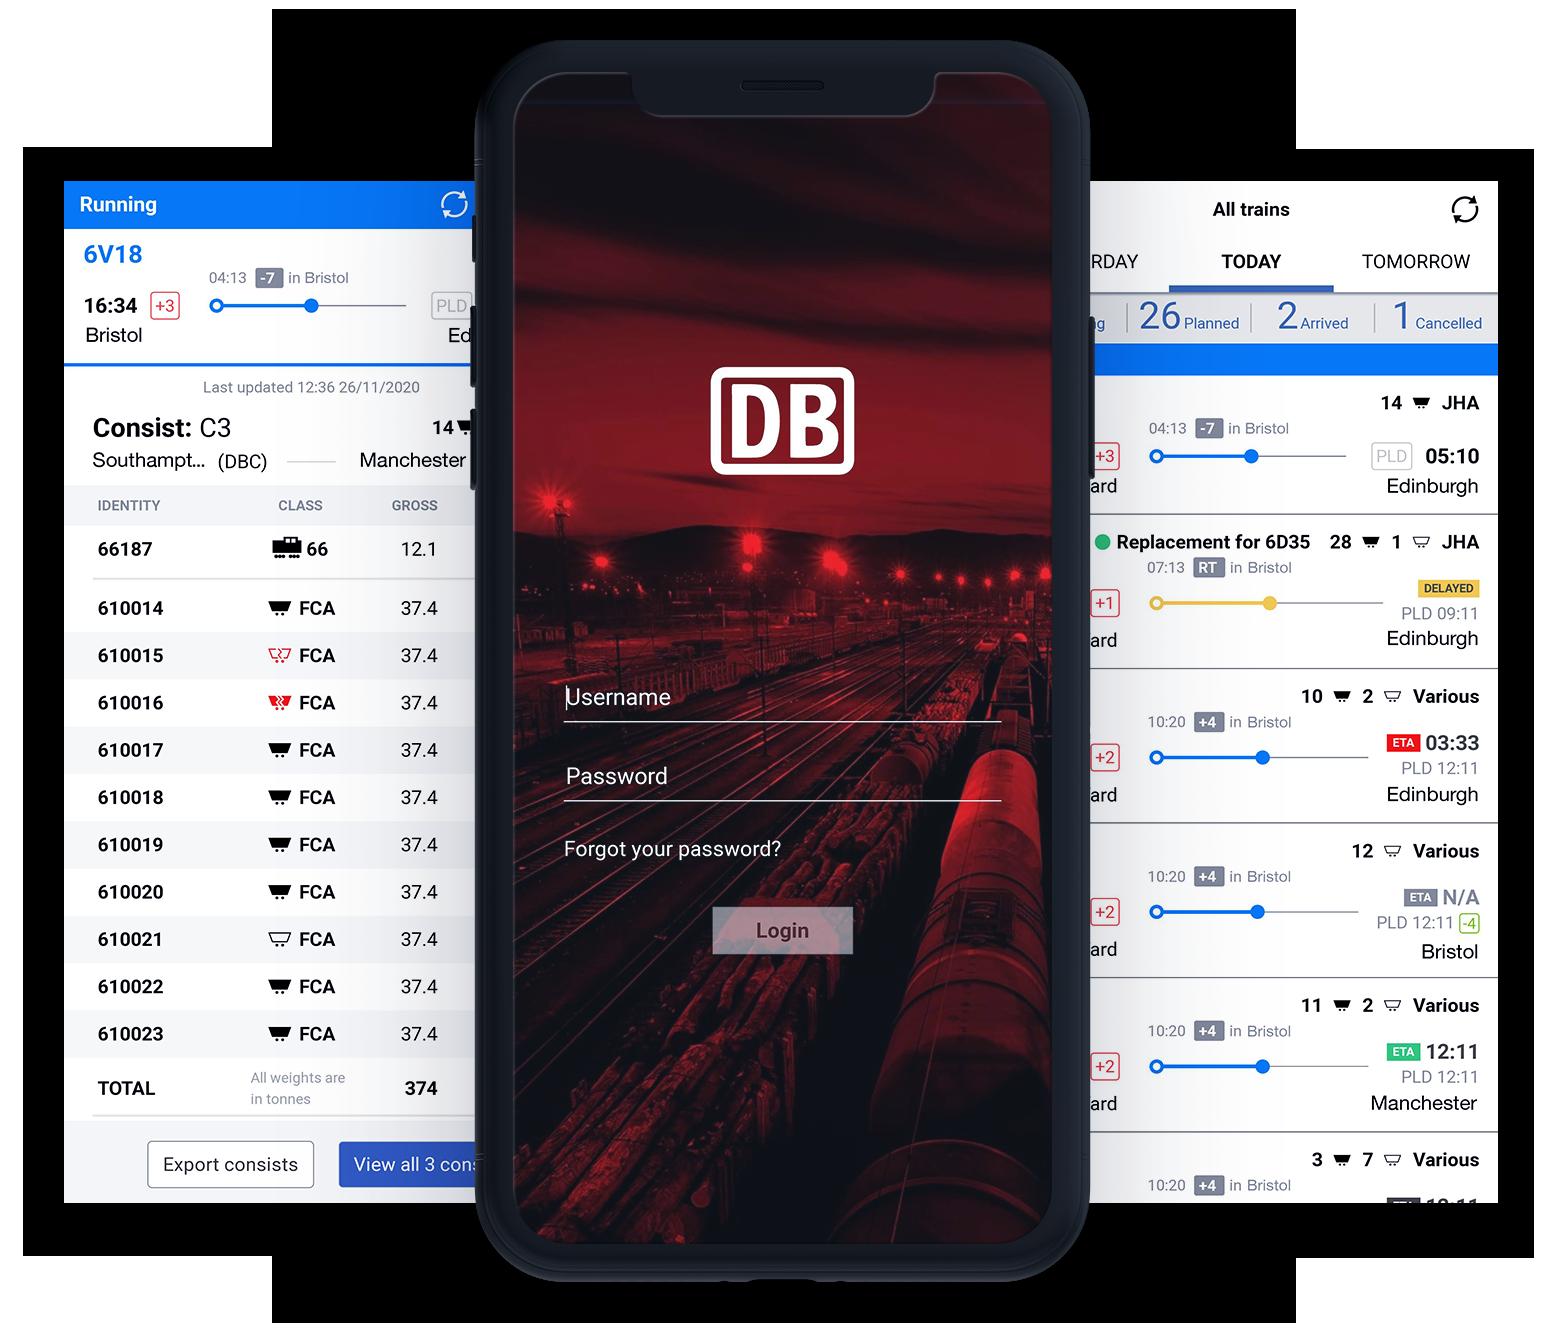 DB Cargo_Mobile Mockup